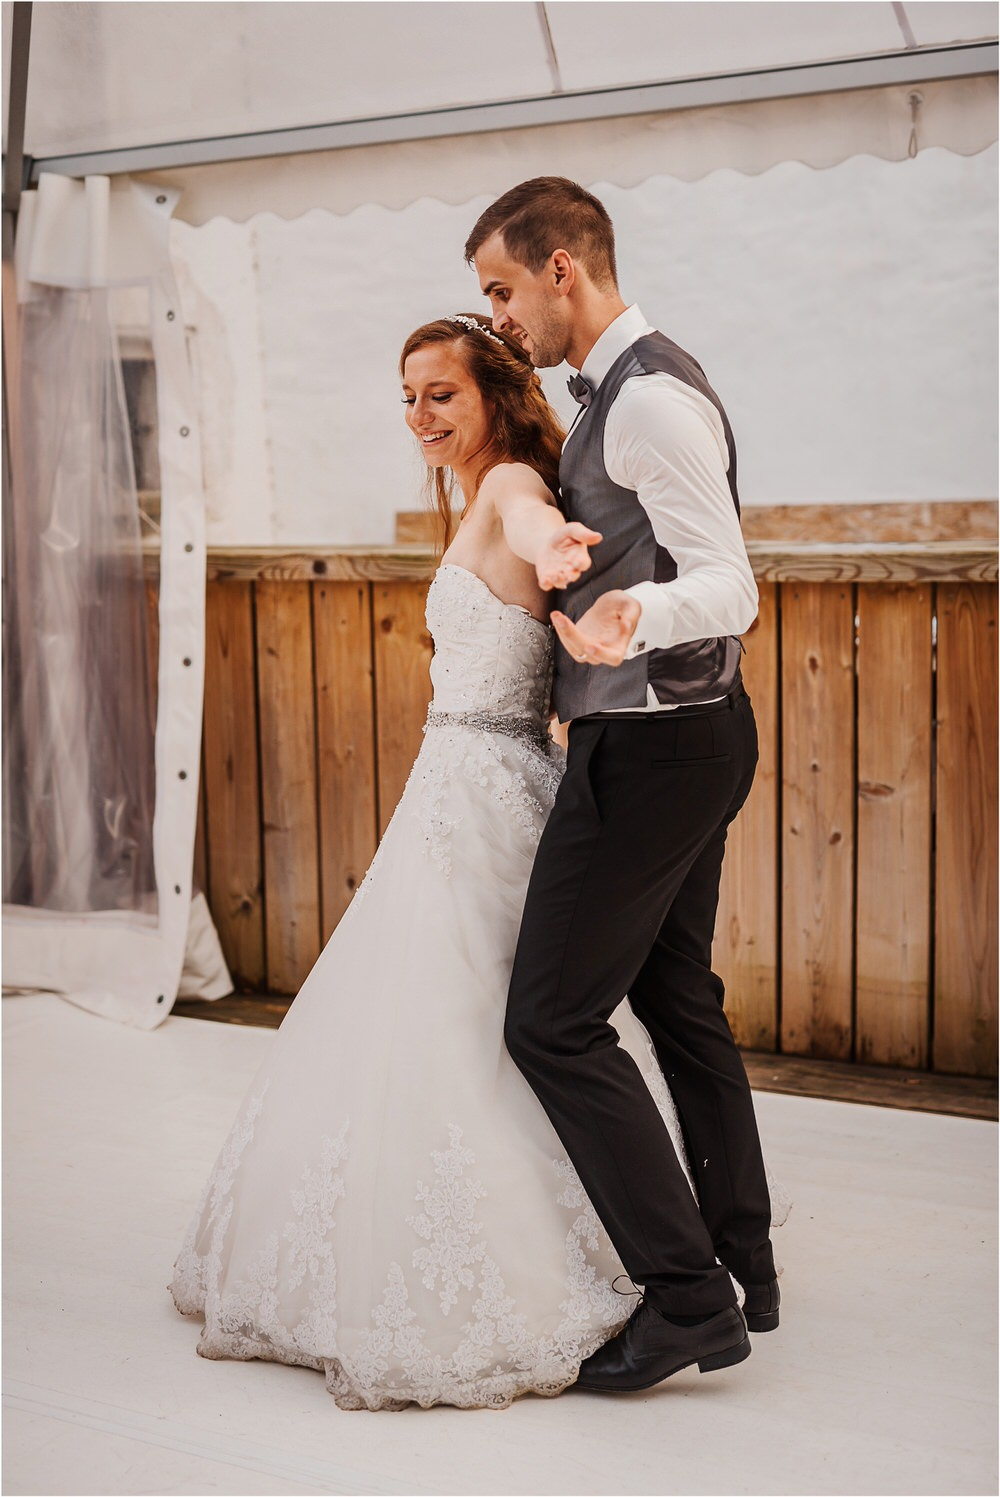 zicka kartuzija poroka porocni fotograf fotografija luka in ben loce elegantna poroka slovenski porocni fotograf  0108.jpg